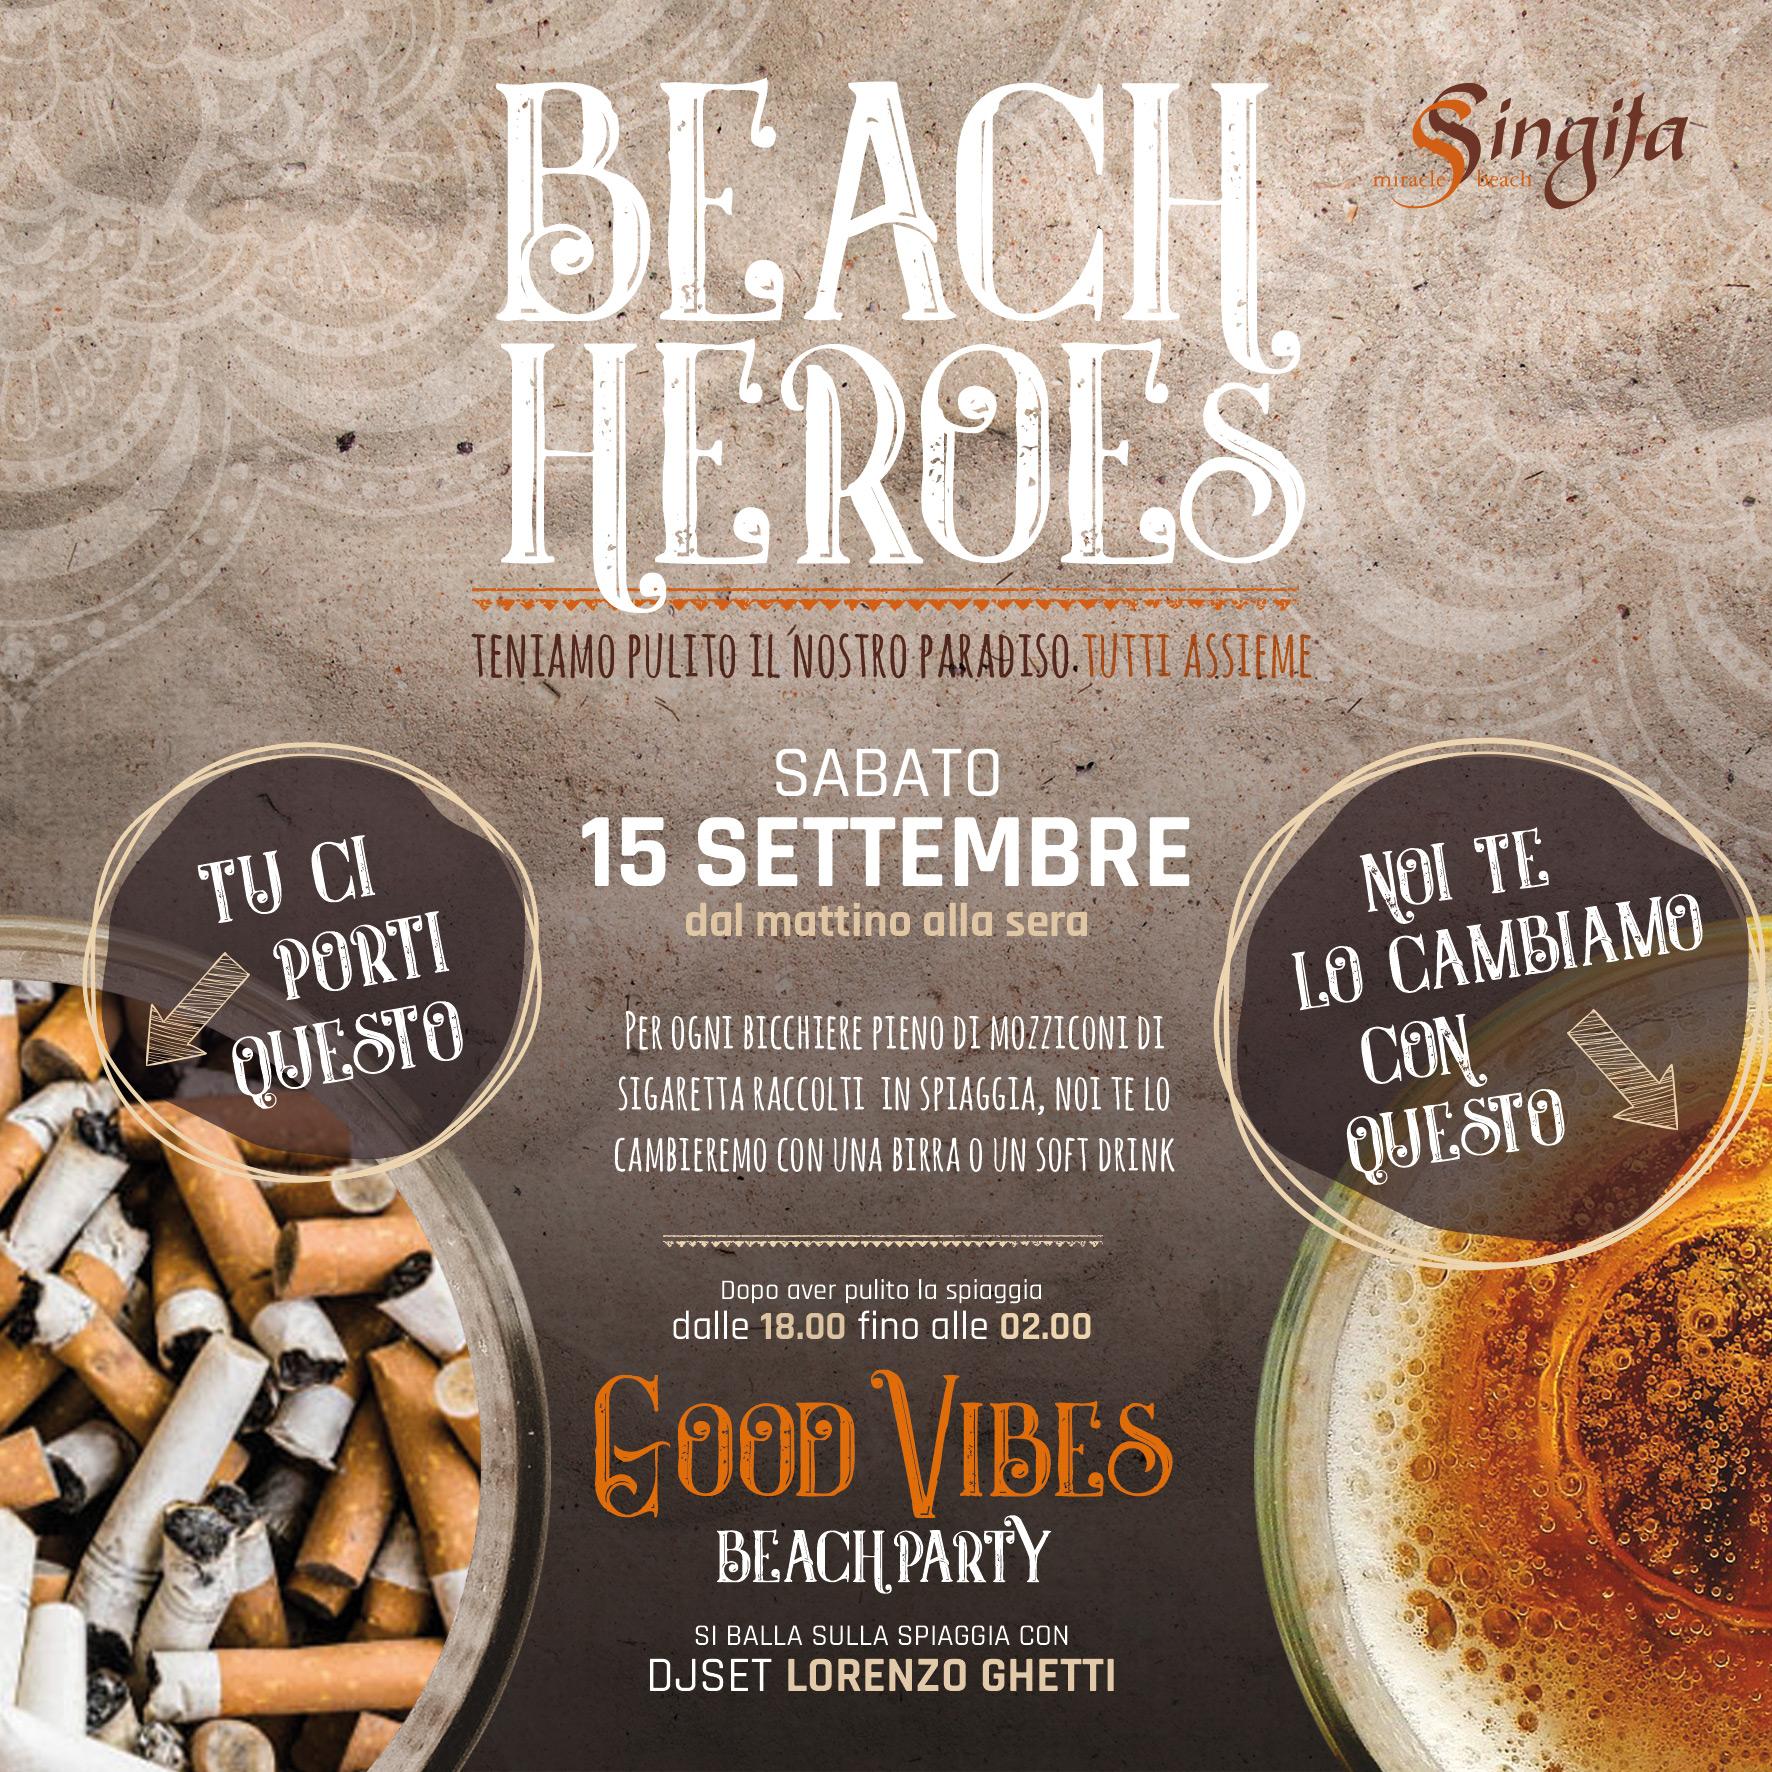 BEACH HEROES